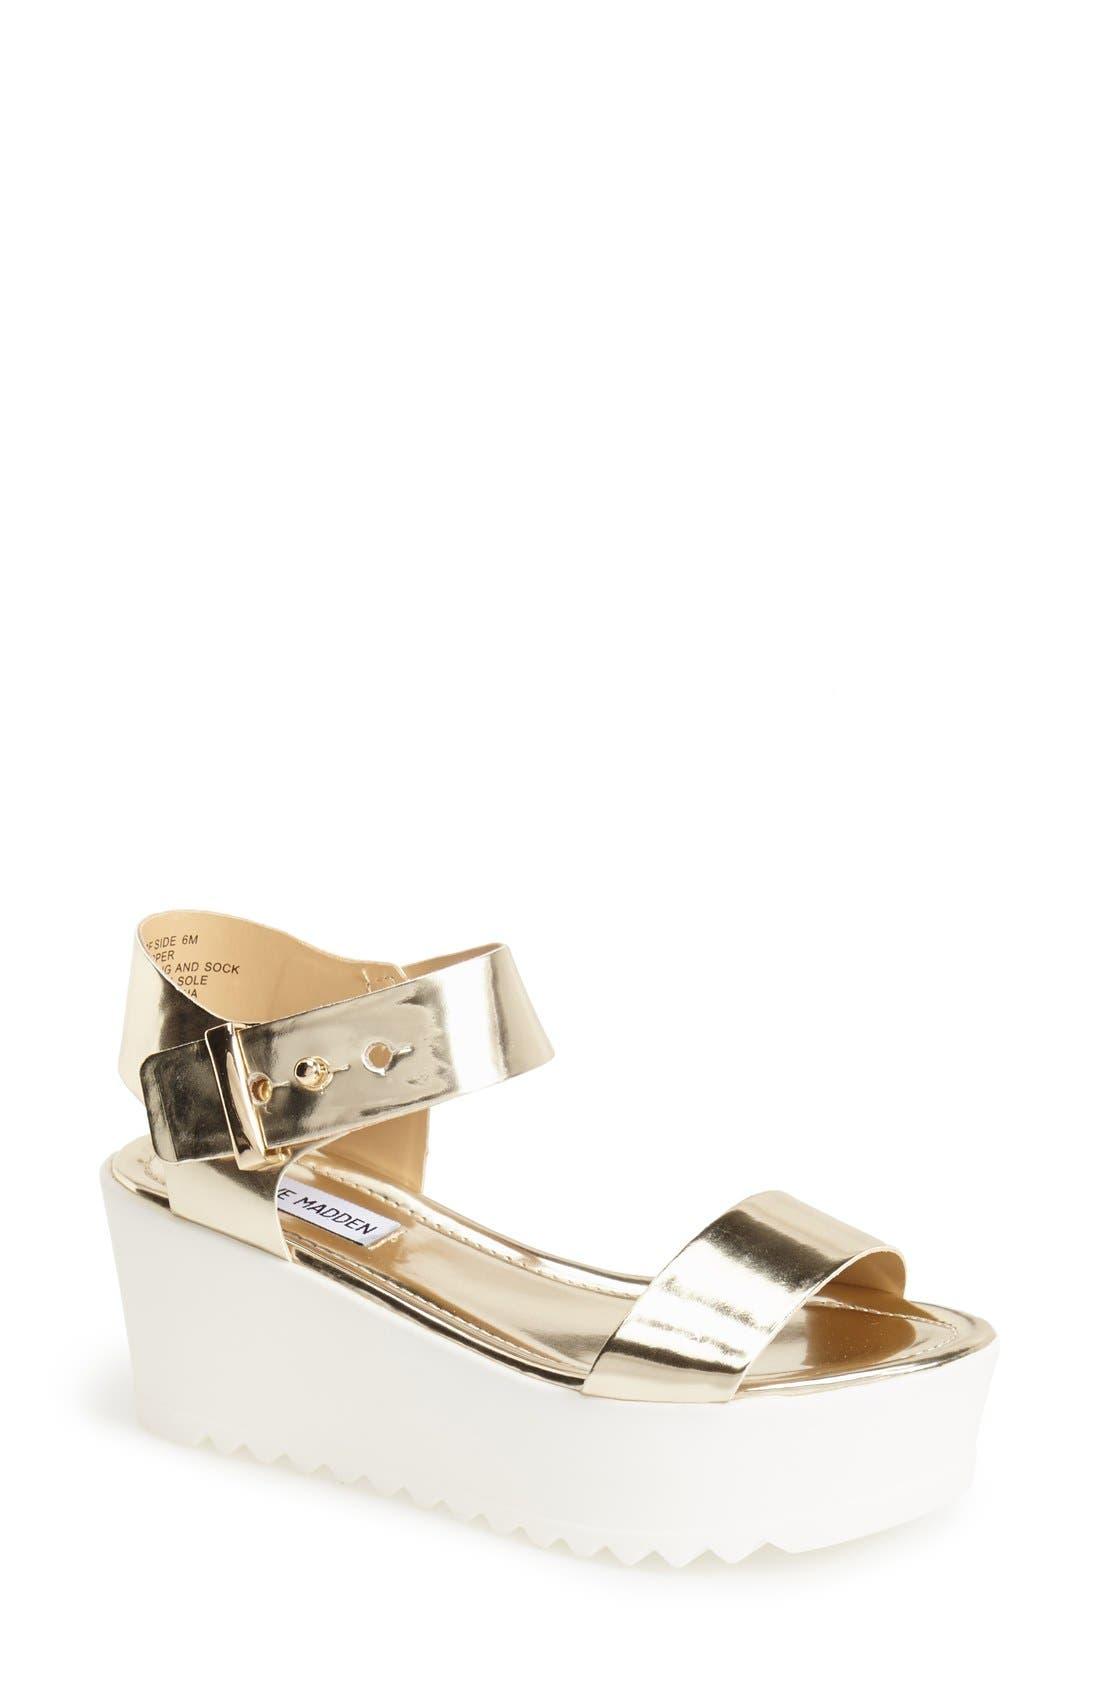 Alternate Image 1 Selected - Steve Madden 'Surfside' Platform Sandal (Women)